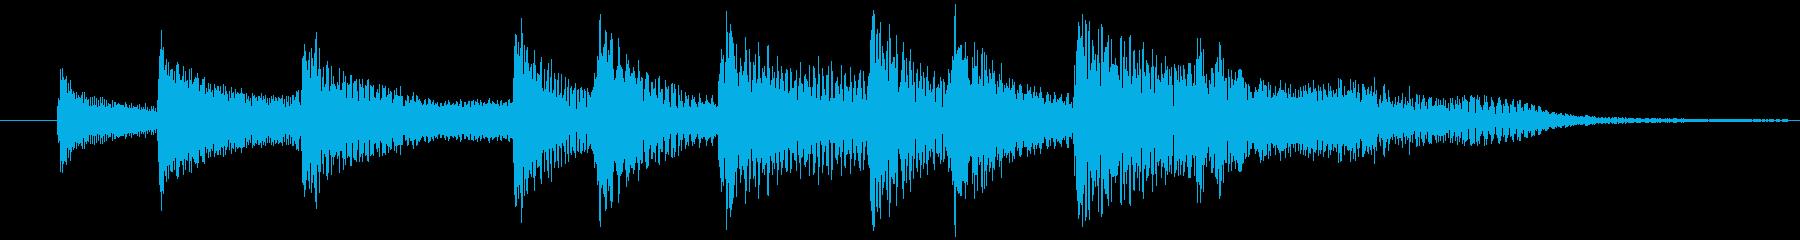 高まる不安・恐怖の効果音の再生済みの波形